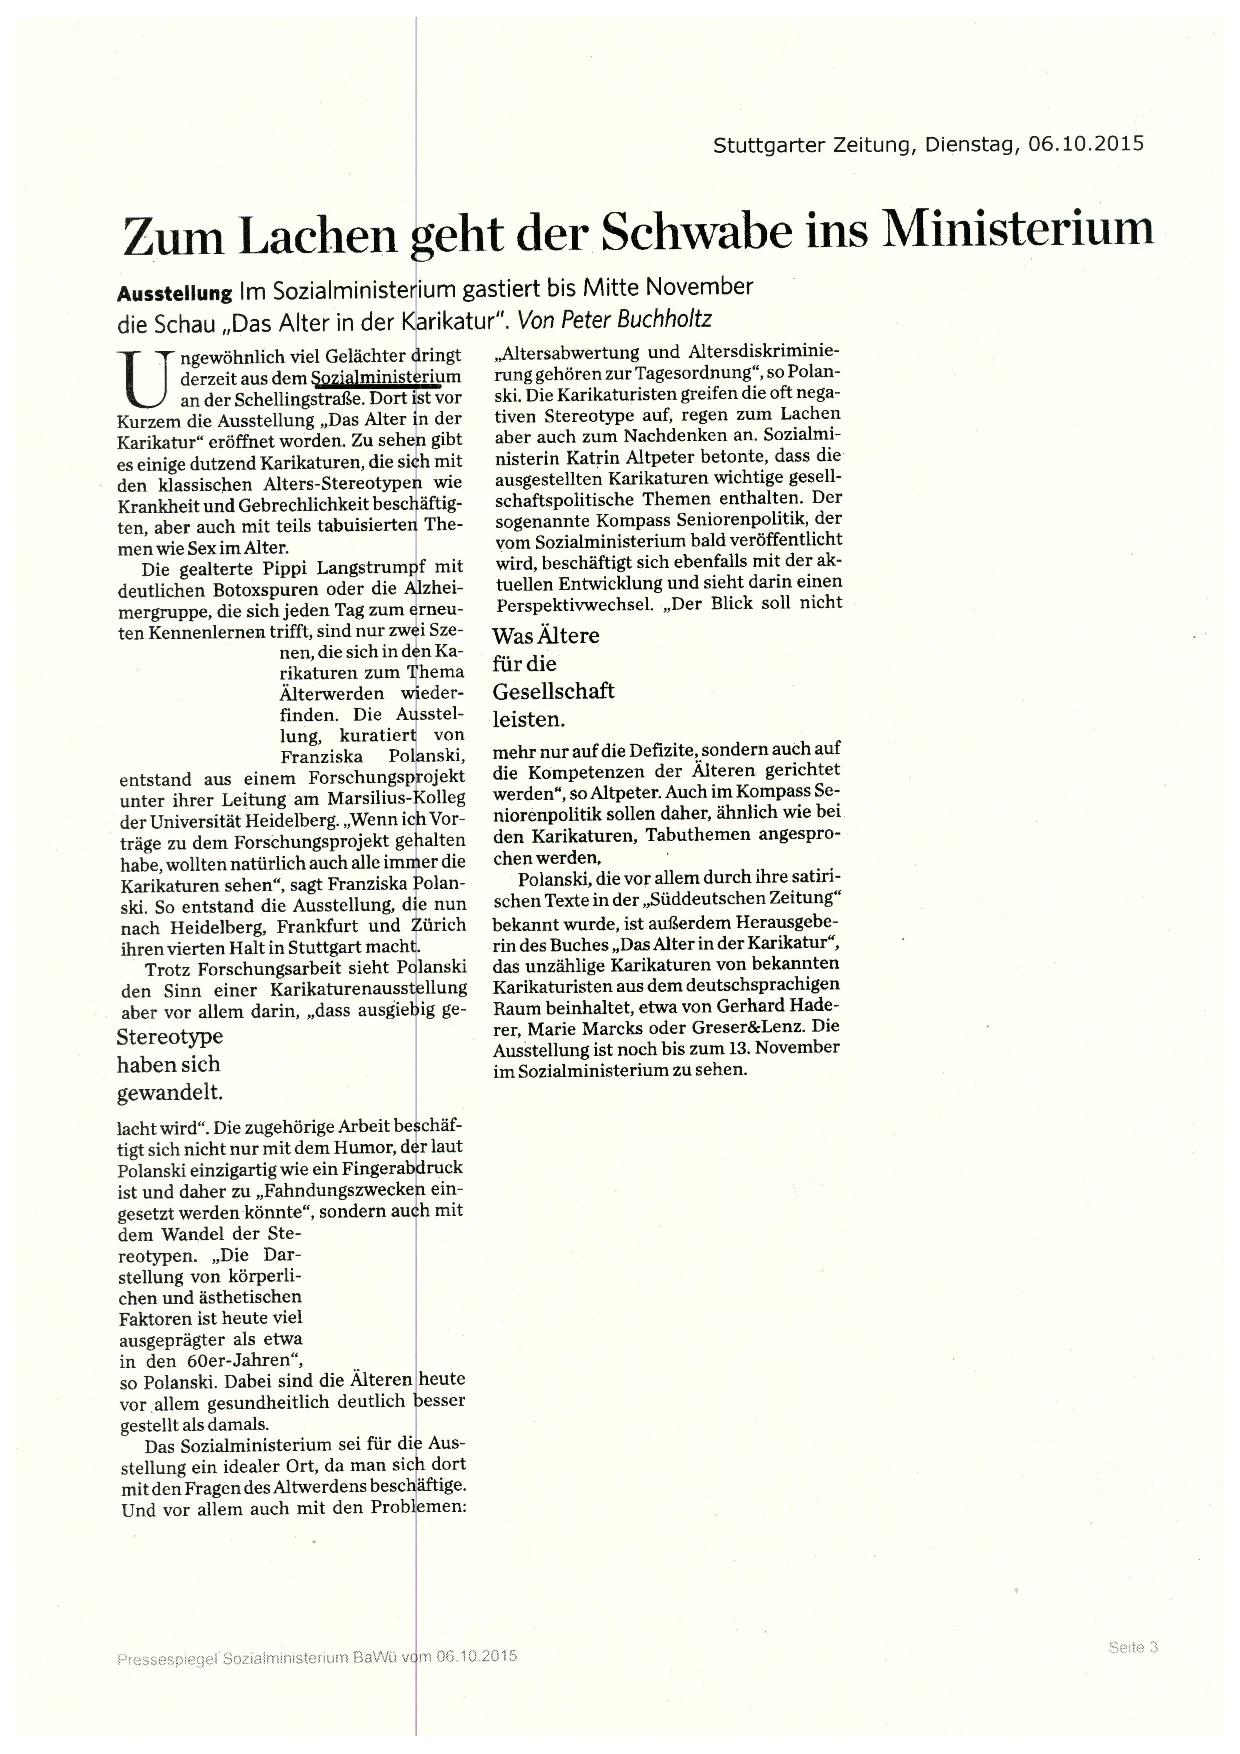 Stuttgarter Zeitung a 06.10.15-001